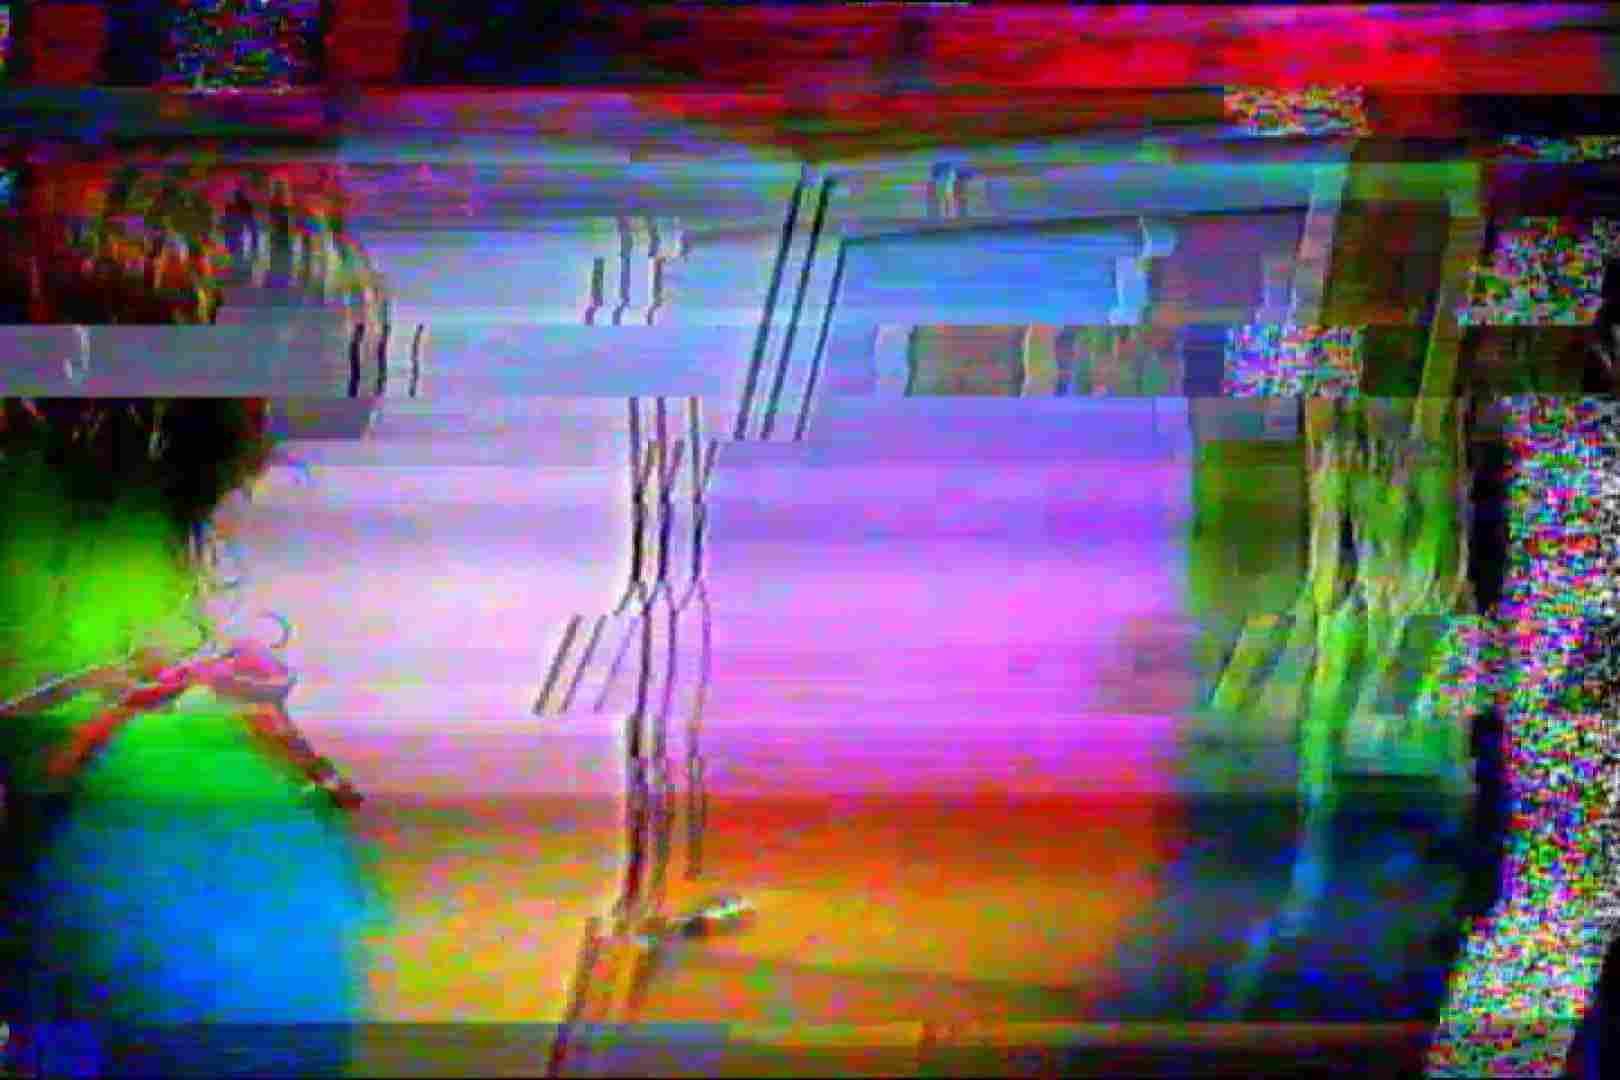 海の家の更衣室 Vol.20 盛合せ オマンコ無修正動画無料 107画像 67